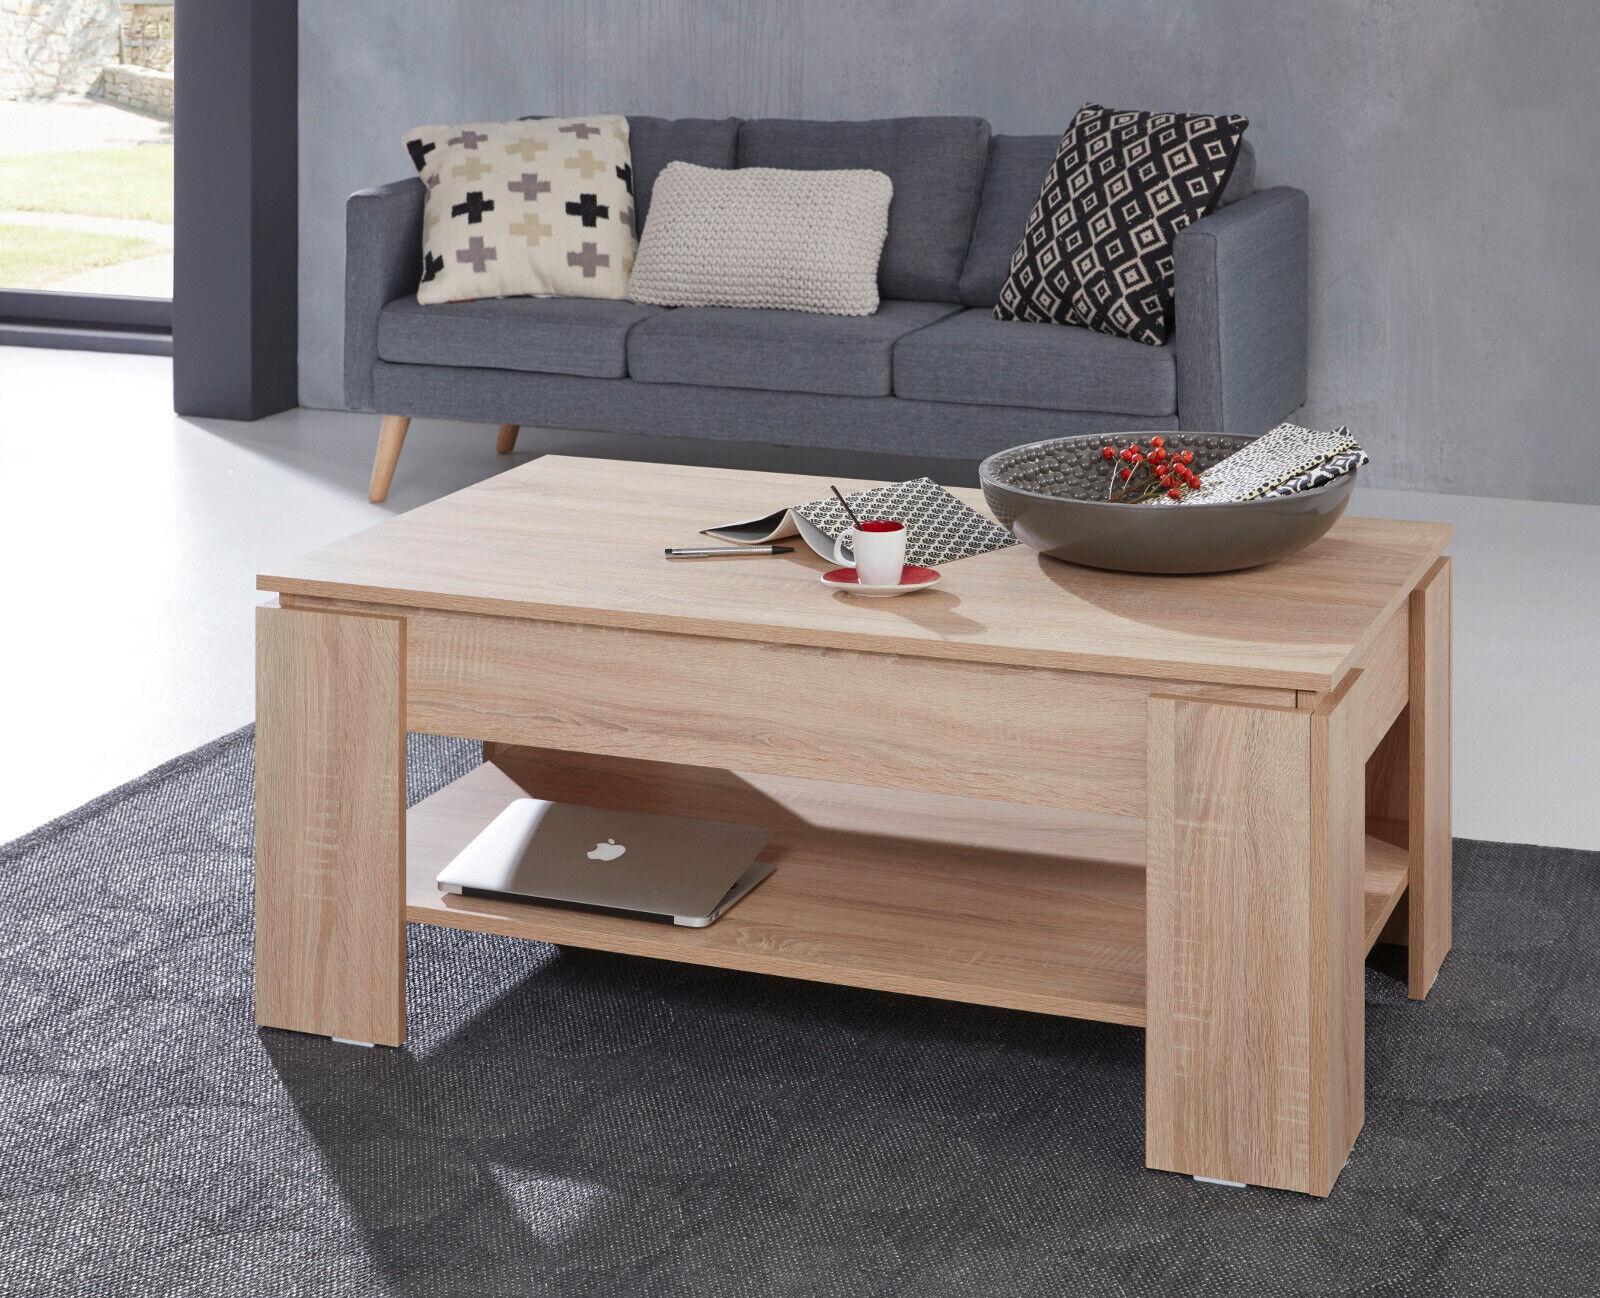 Couchtisch Wohnzimmer Tisch Klappbar Mit Esstisch Funktion Eiche Sonoma Stauraum Eur 129 99 Picclick De